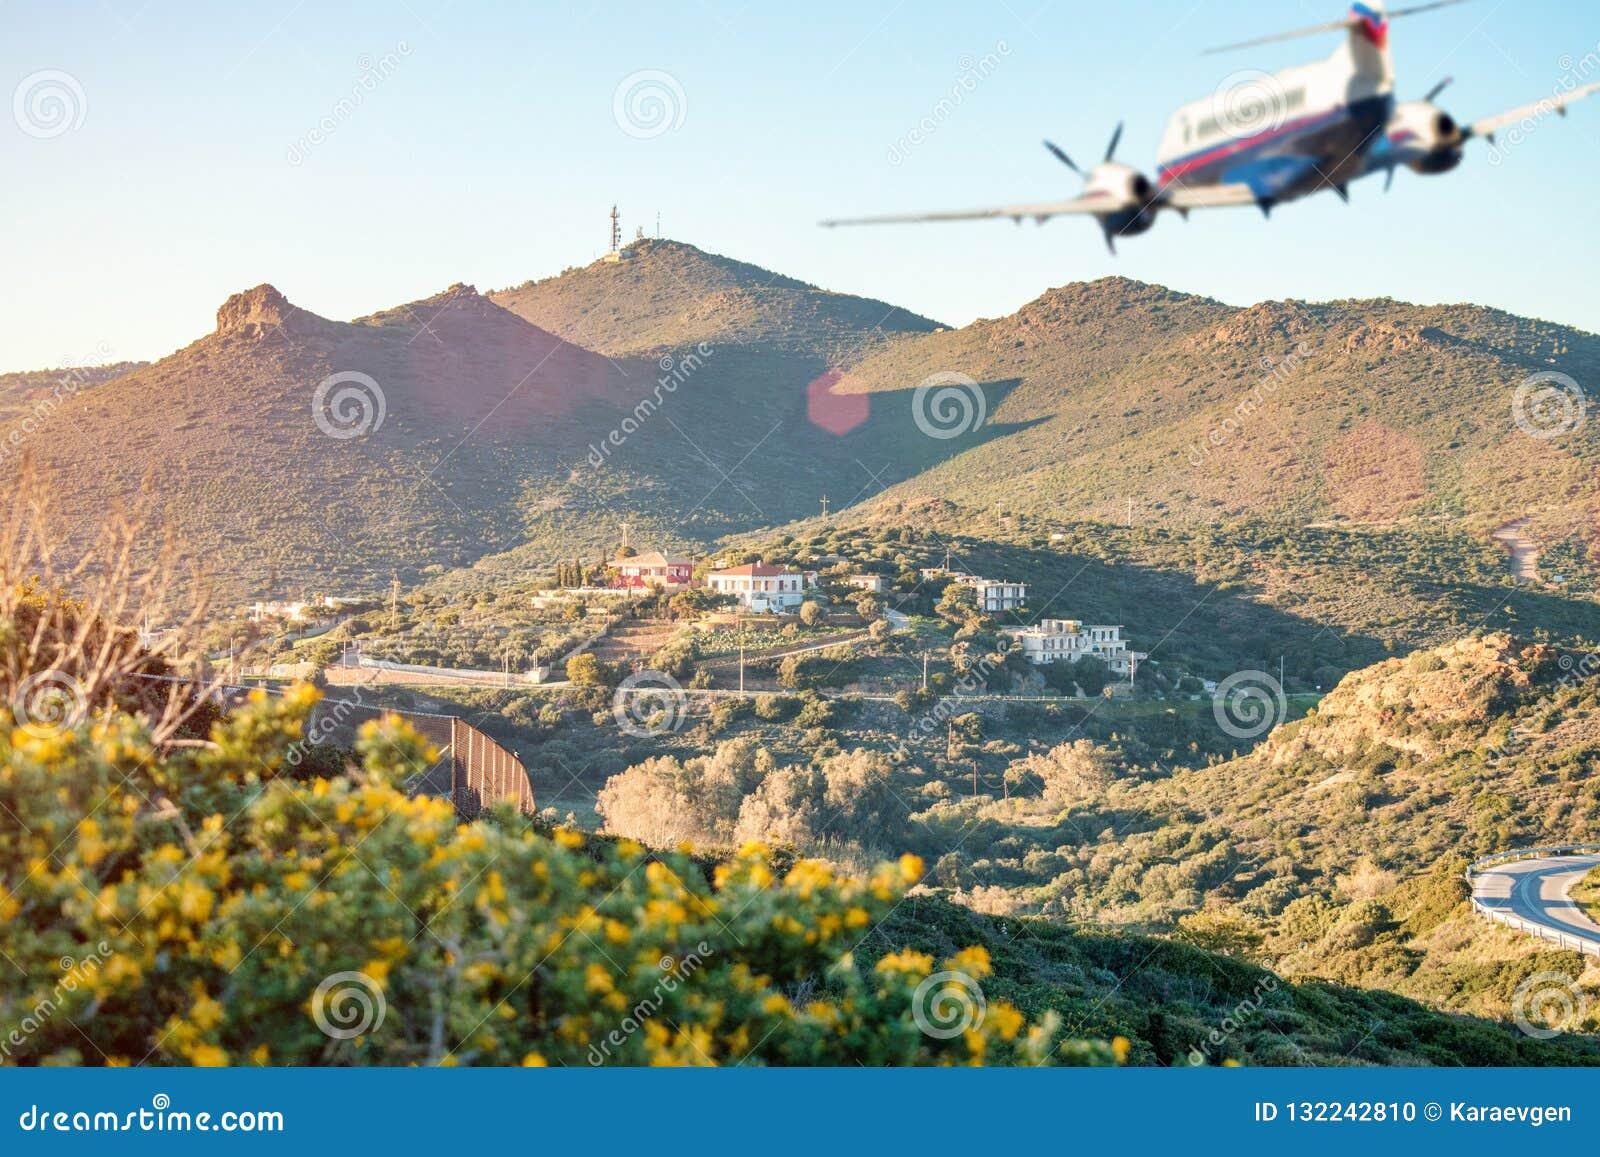 Silueta borrosa del aeroplano que vuela sobre las montañas